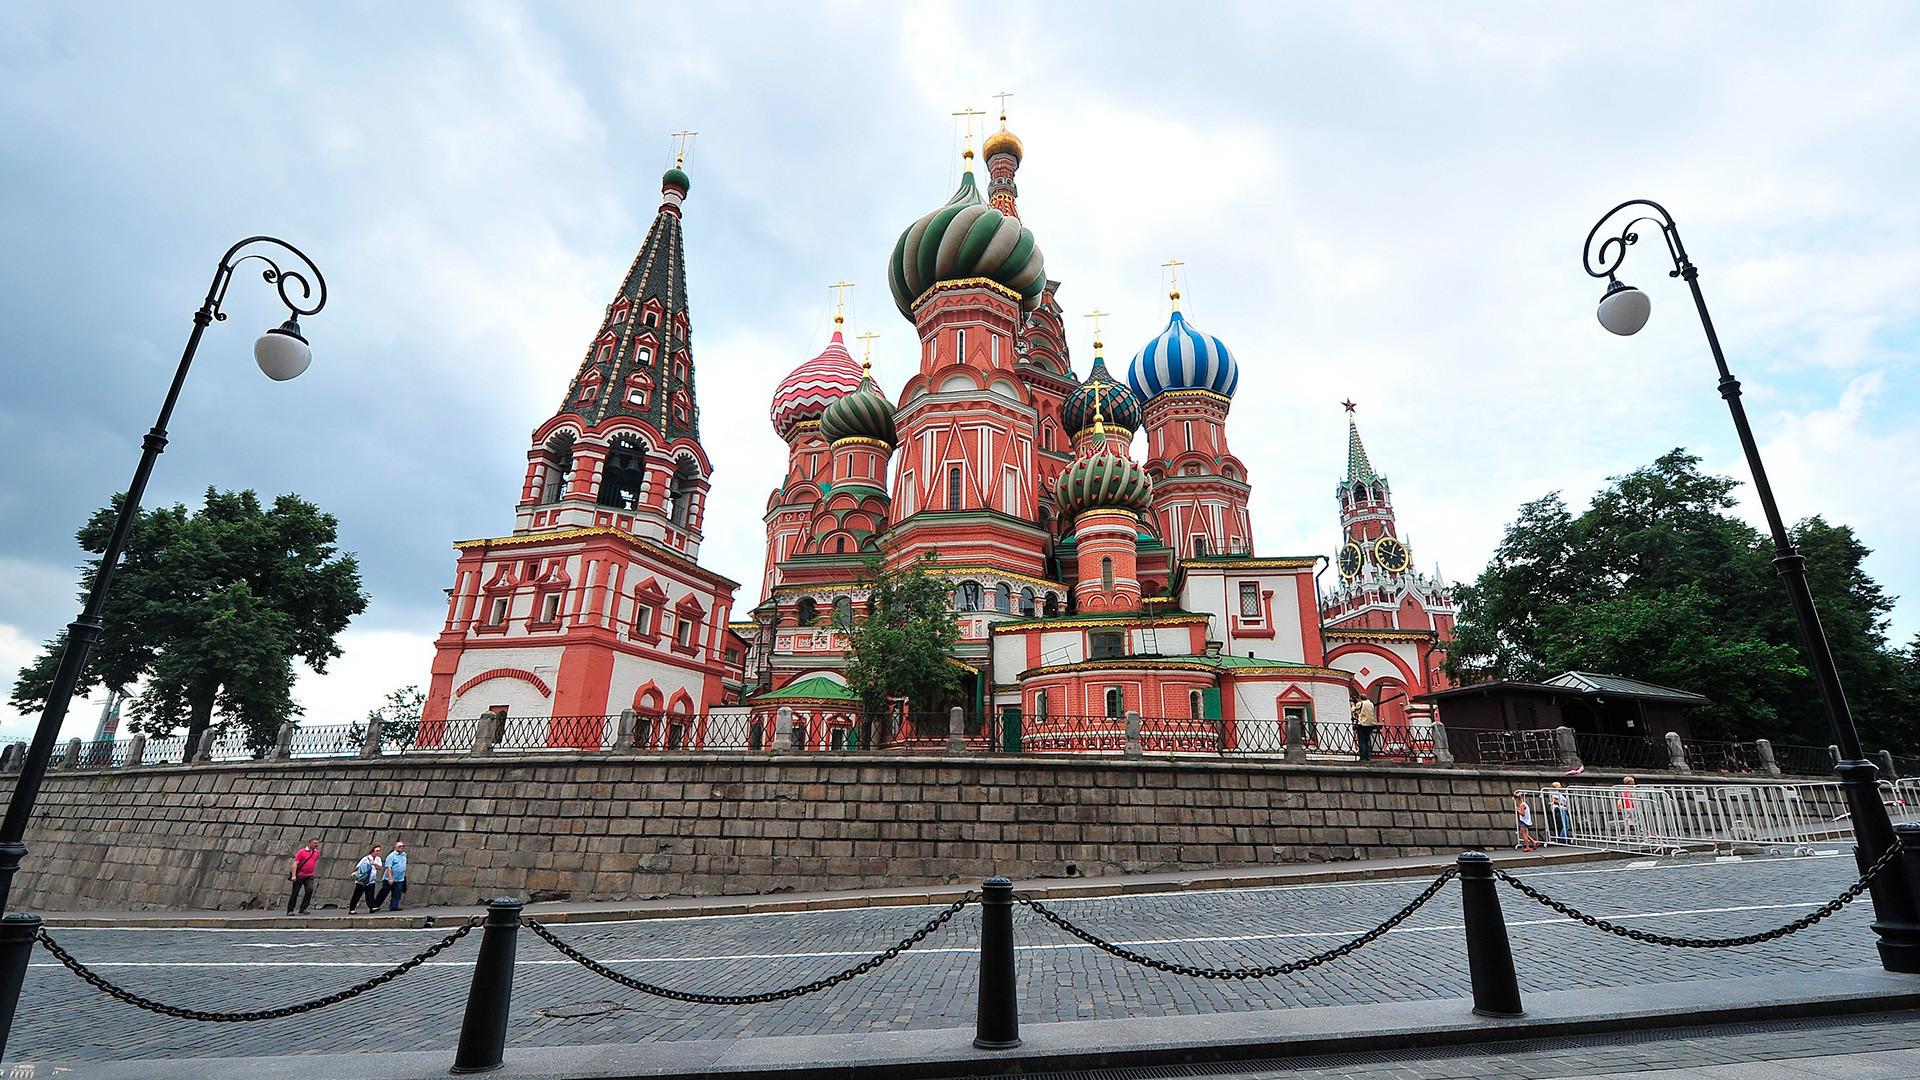 Agente chegou à catedral para receber instruções de fuga e... ela estava fechada! / Foto: Serguêi Kiselióv/Moskva Agency